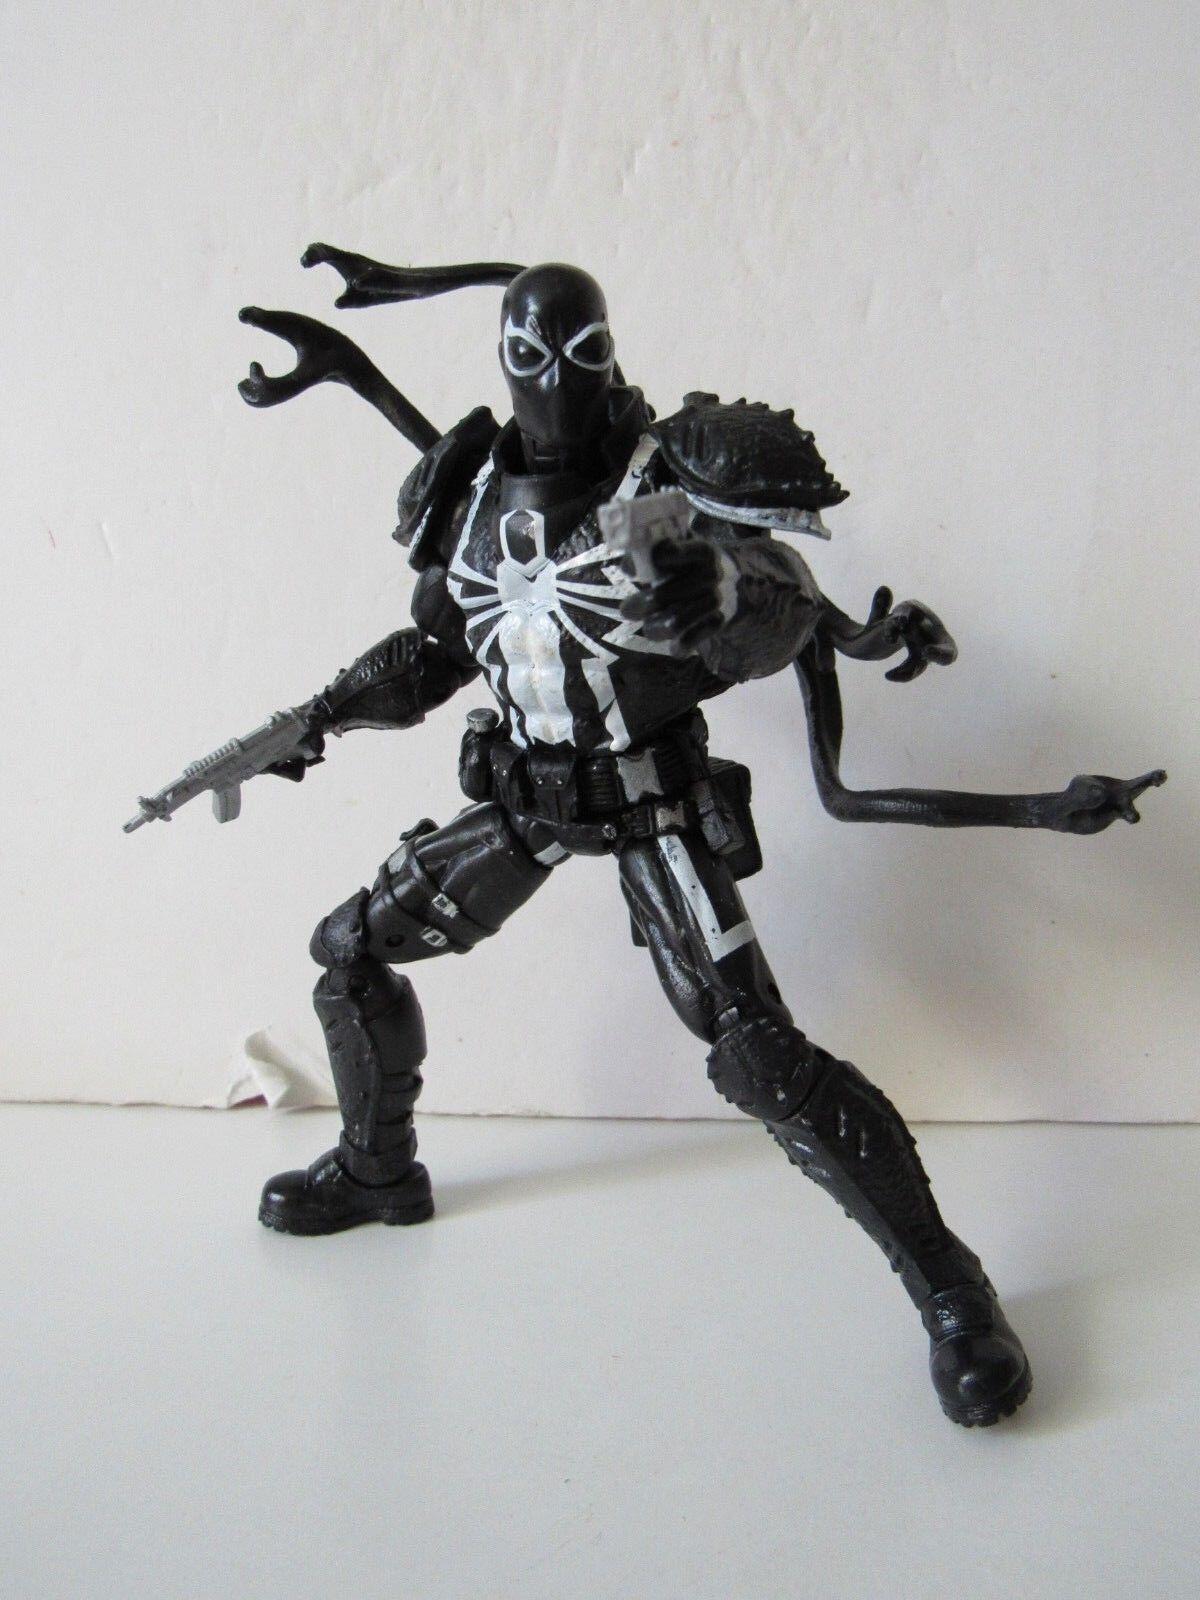 Marvel Legends Walgreen Walgreen Walgreen Exclusive Infinite series Agent Venom 6  Action Figure 3b6418